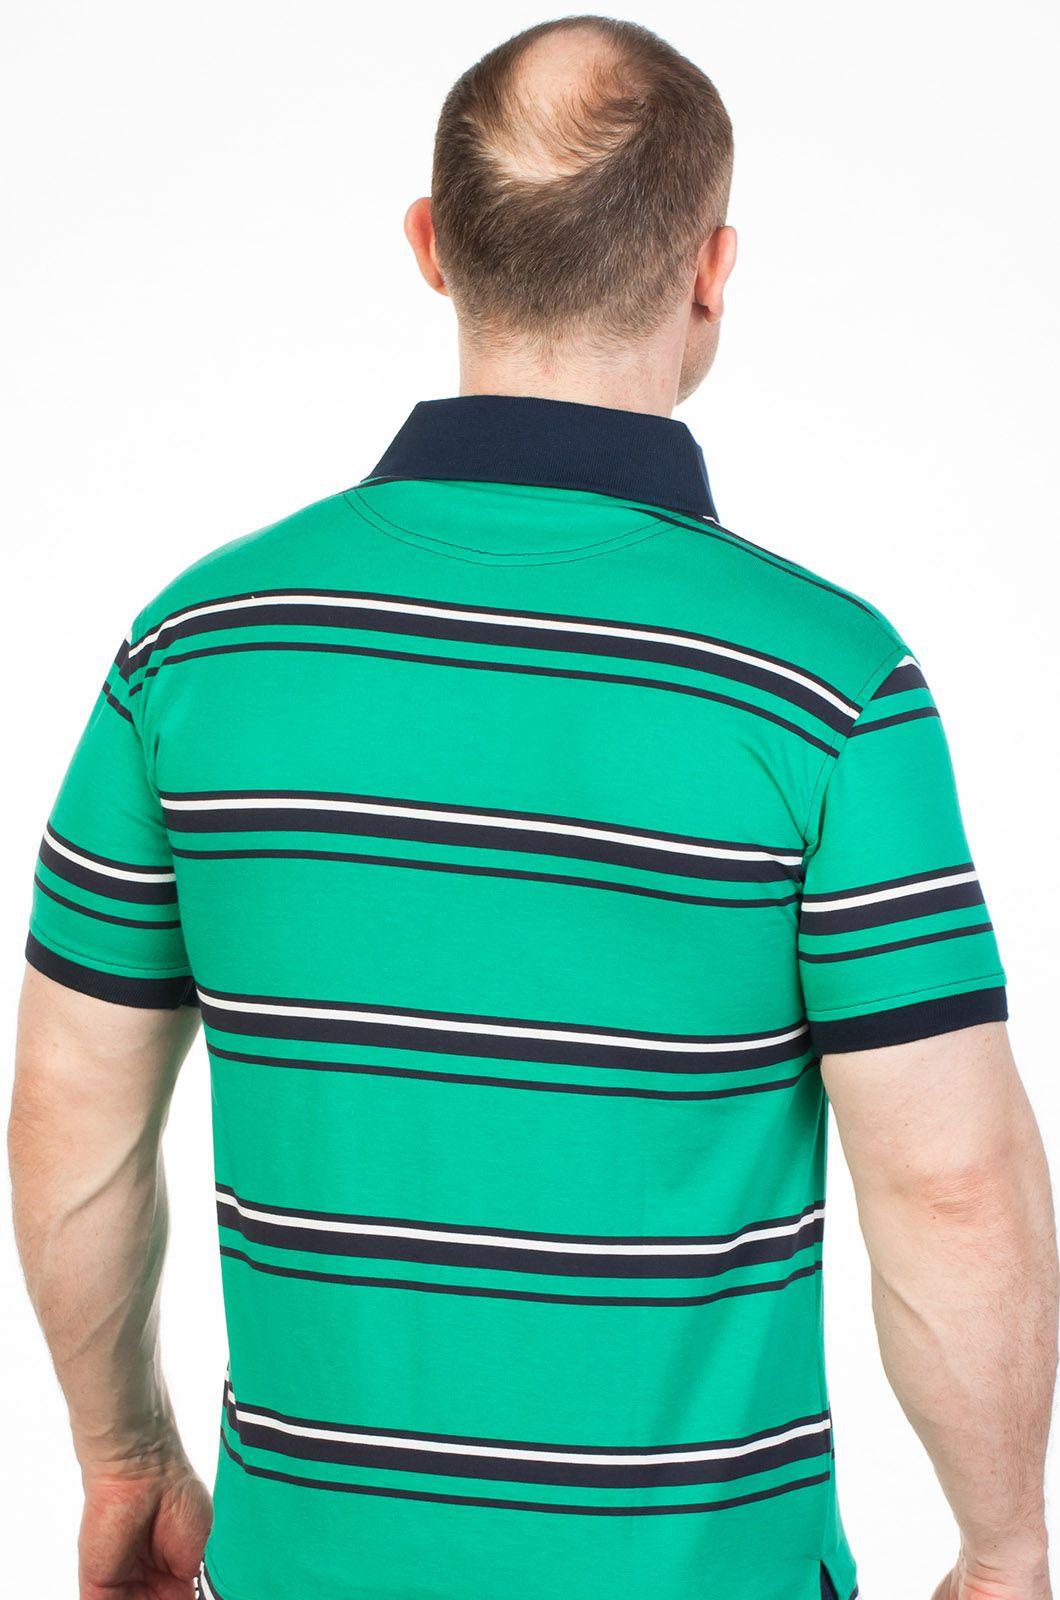 Футболка Поло зеленая в интернет-магазине